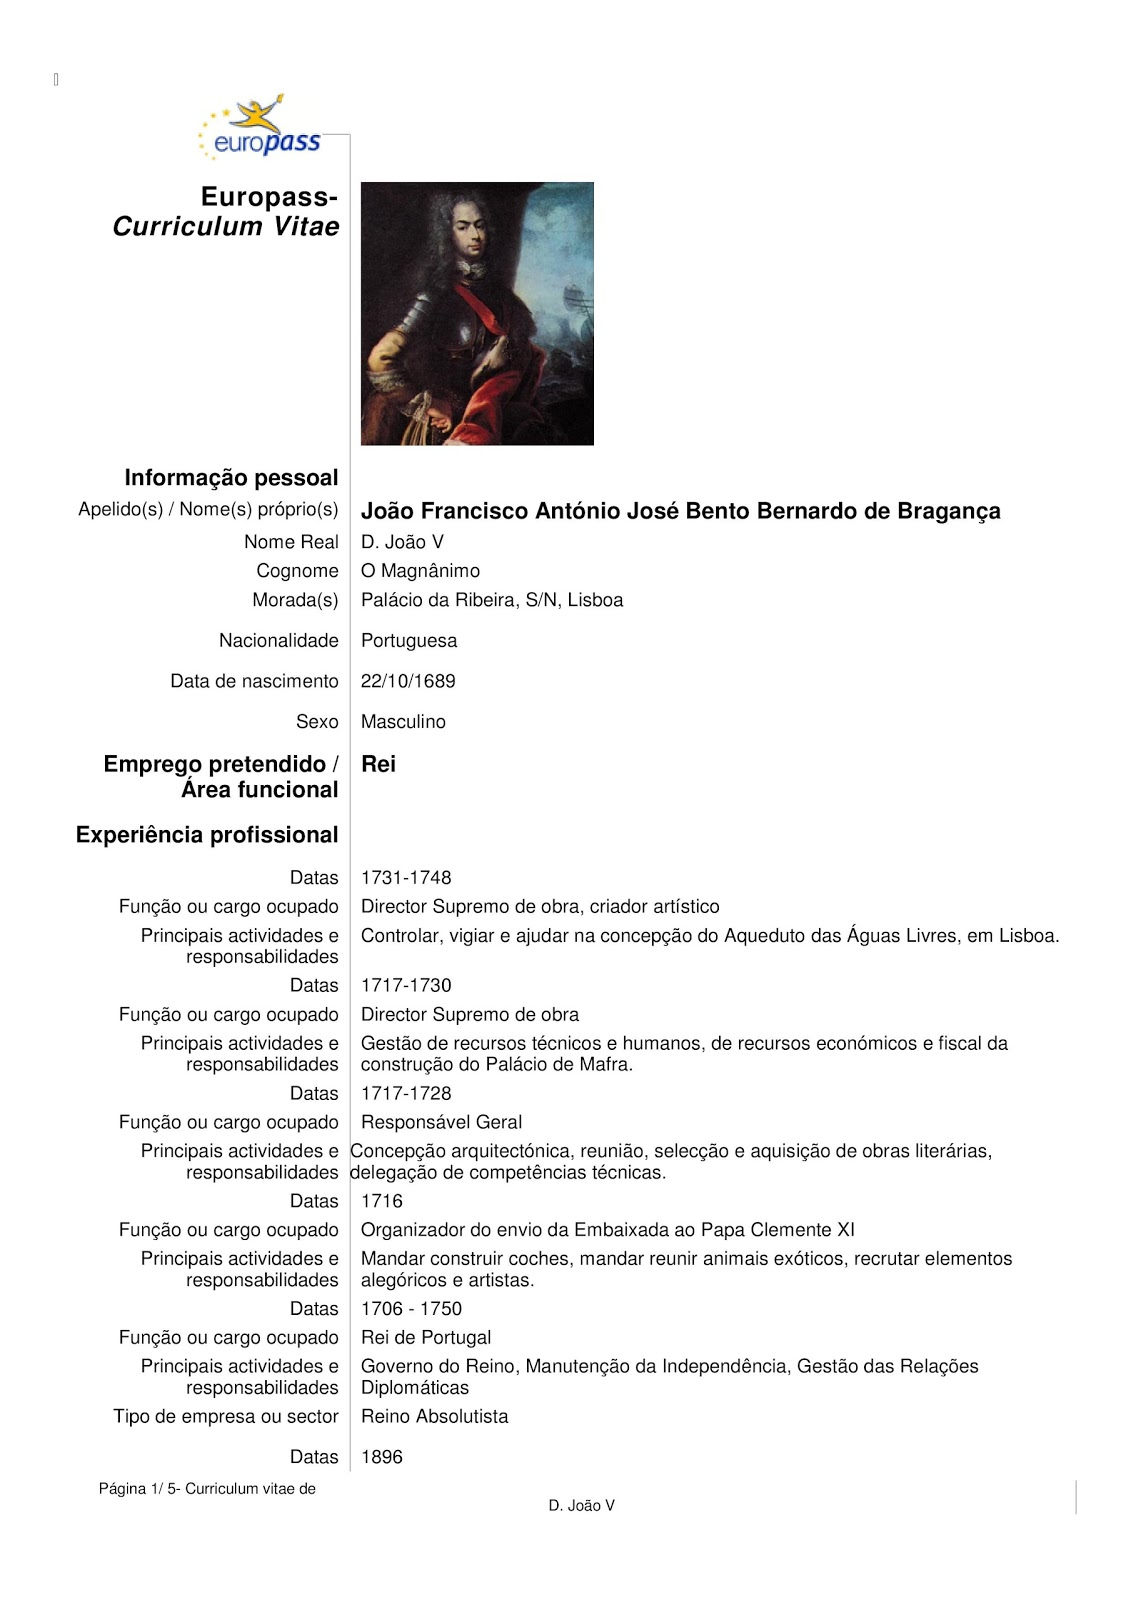 portugu u00eas  cv  exemplo 2